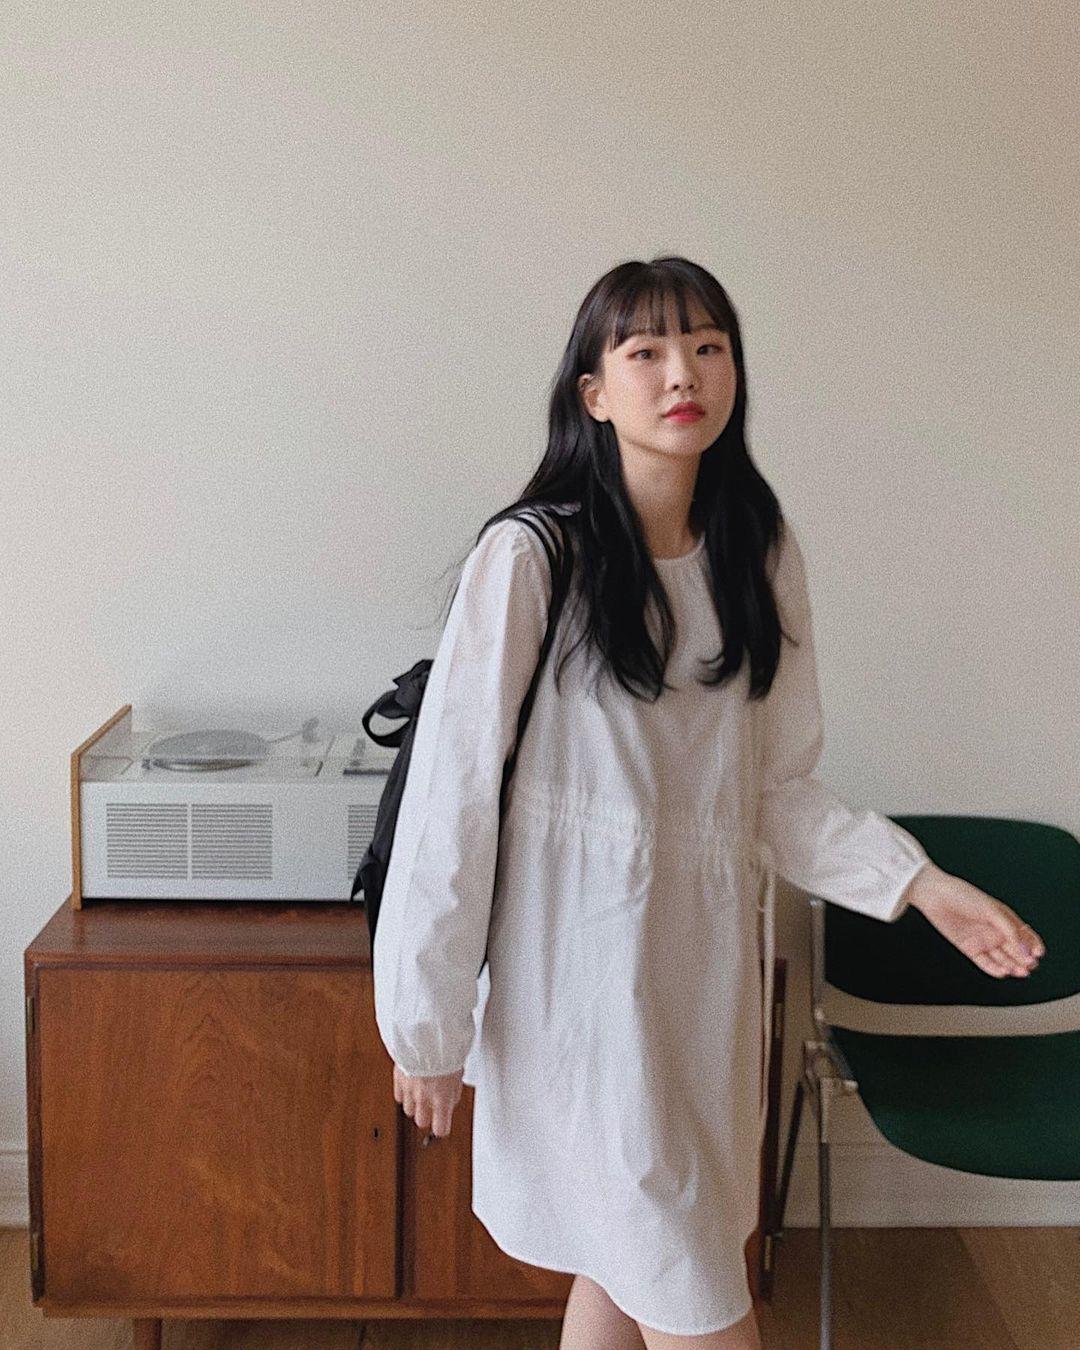 Hè đến là gái Hàn lại diện đủ kiểu váy trắng siêu trẻ xinh và tinh tế, xem mà muốn sắm cả 'lố' về nhà - Ảnh 9